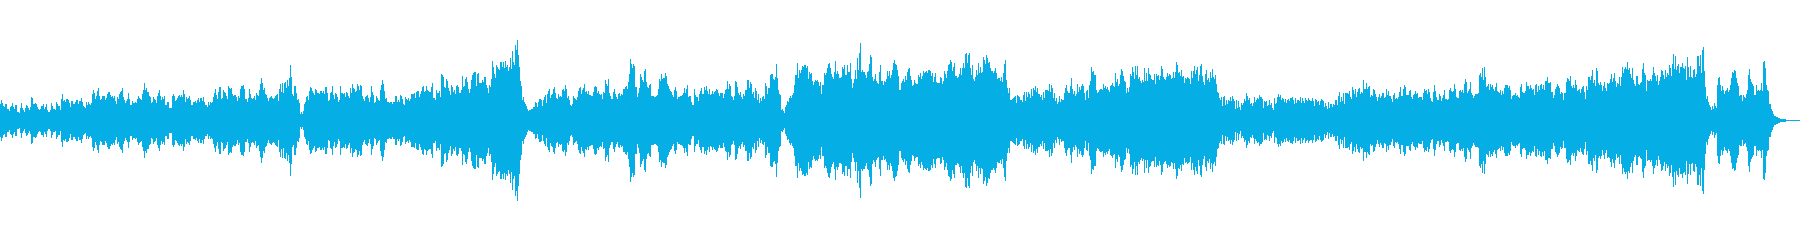 幻想的でおしゃれなワルツの再生済みの波形